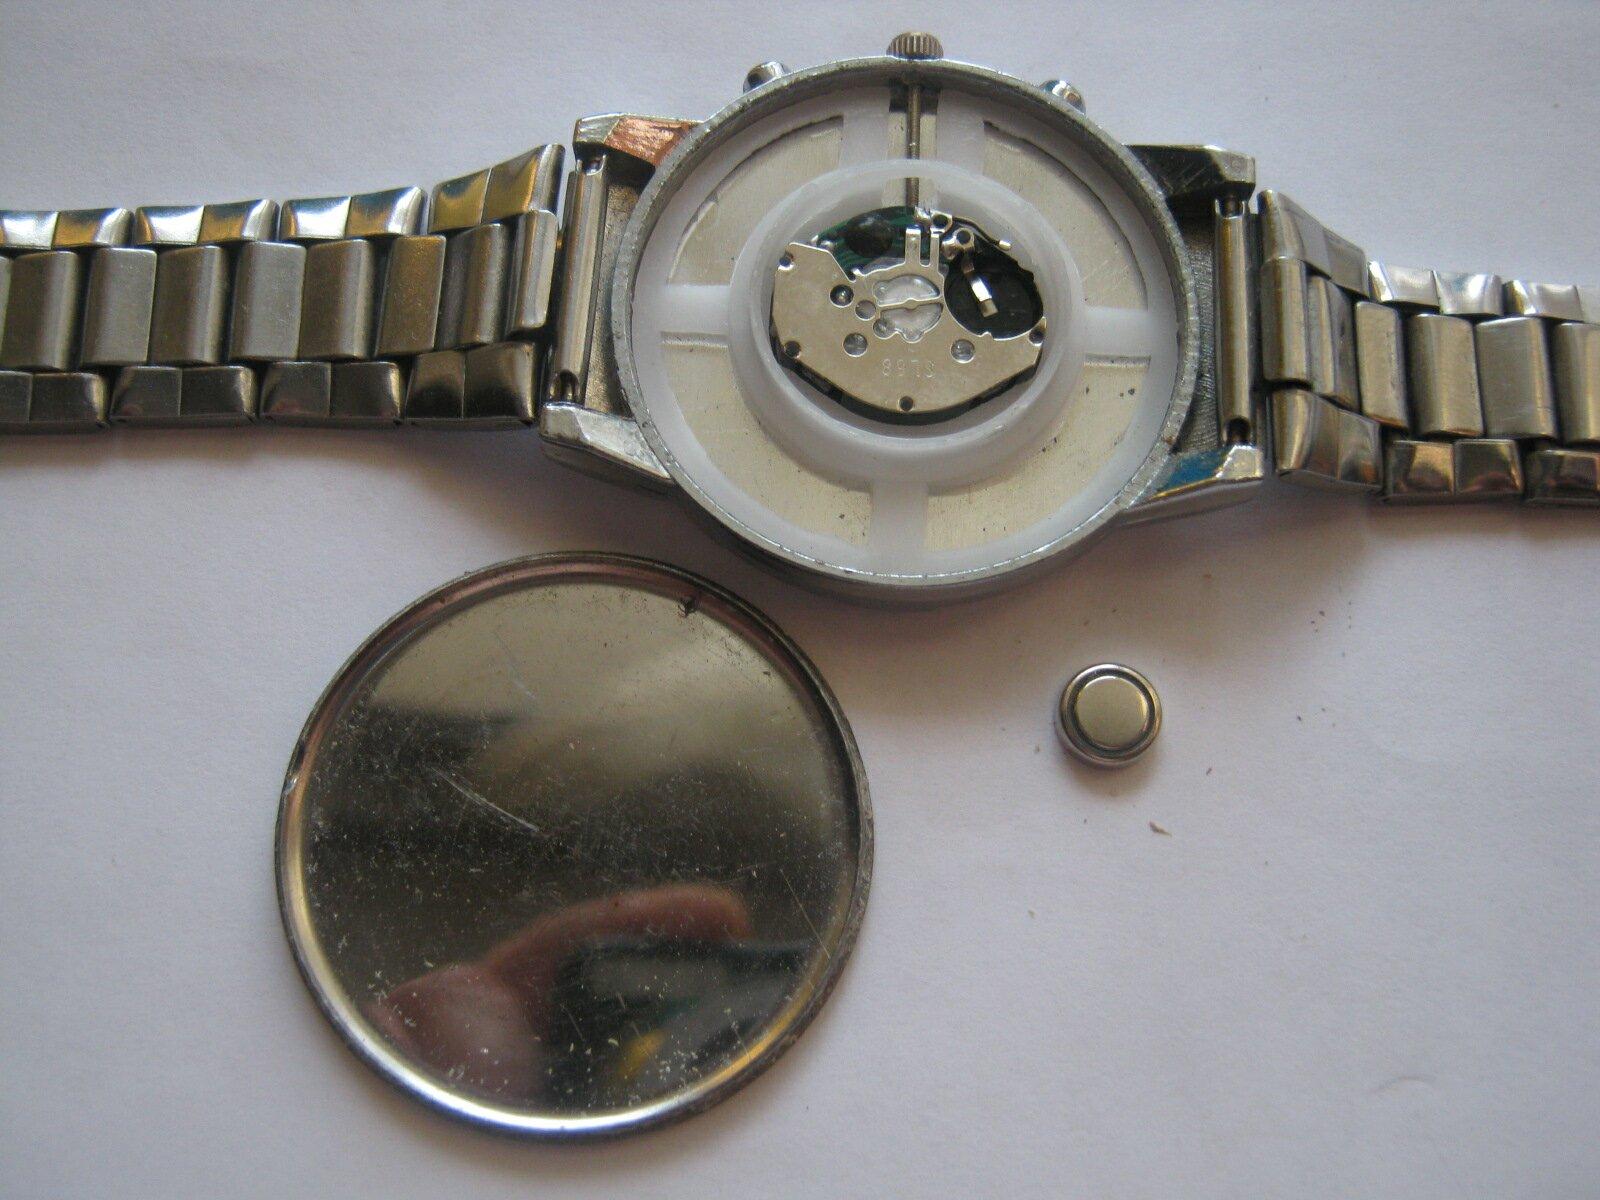 Как снять заднюю крышку часов без использования необходимых